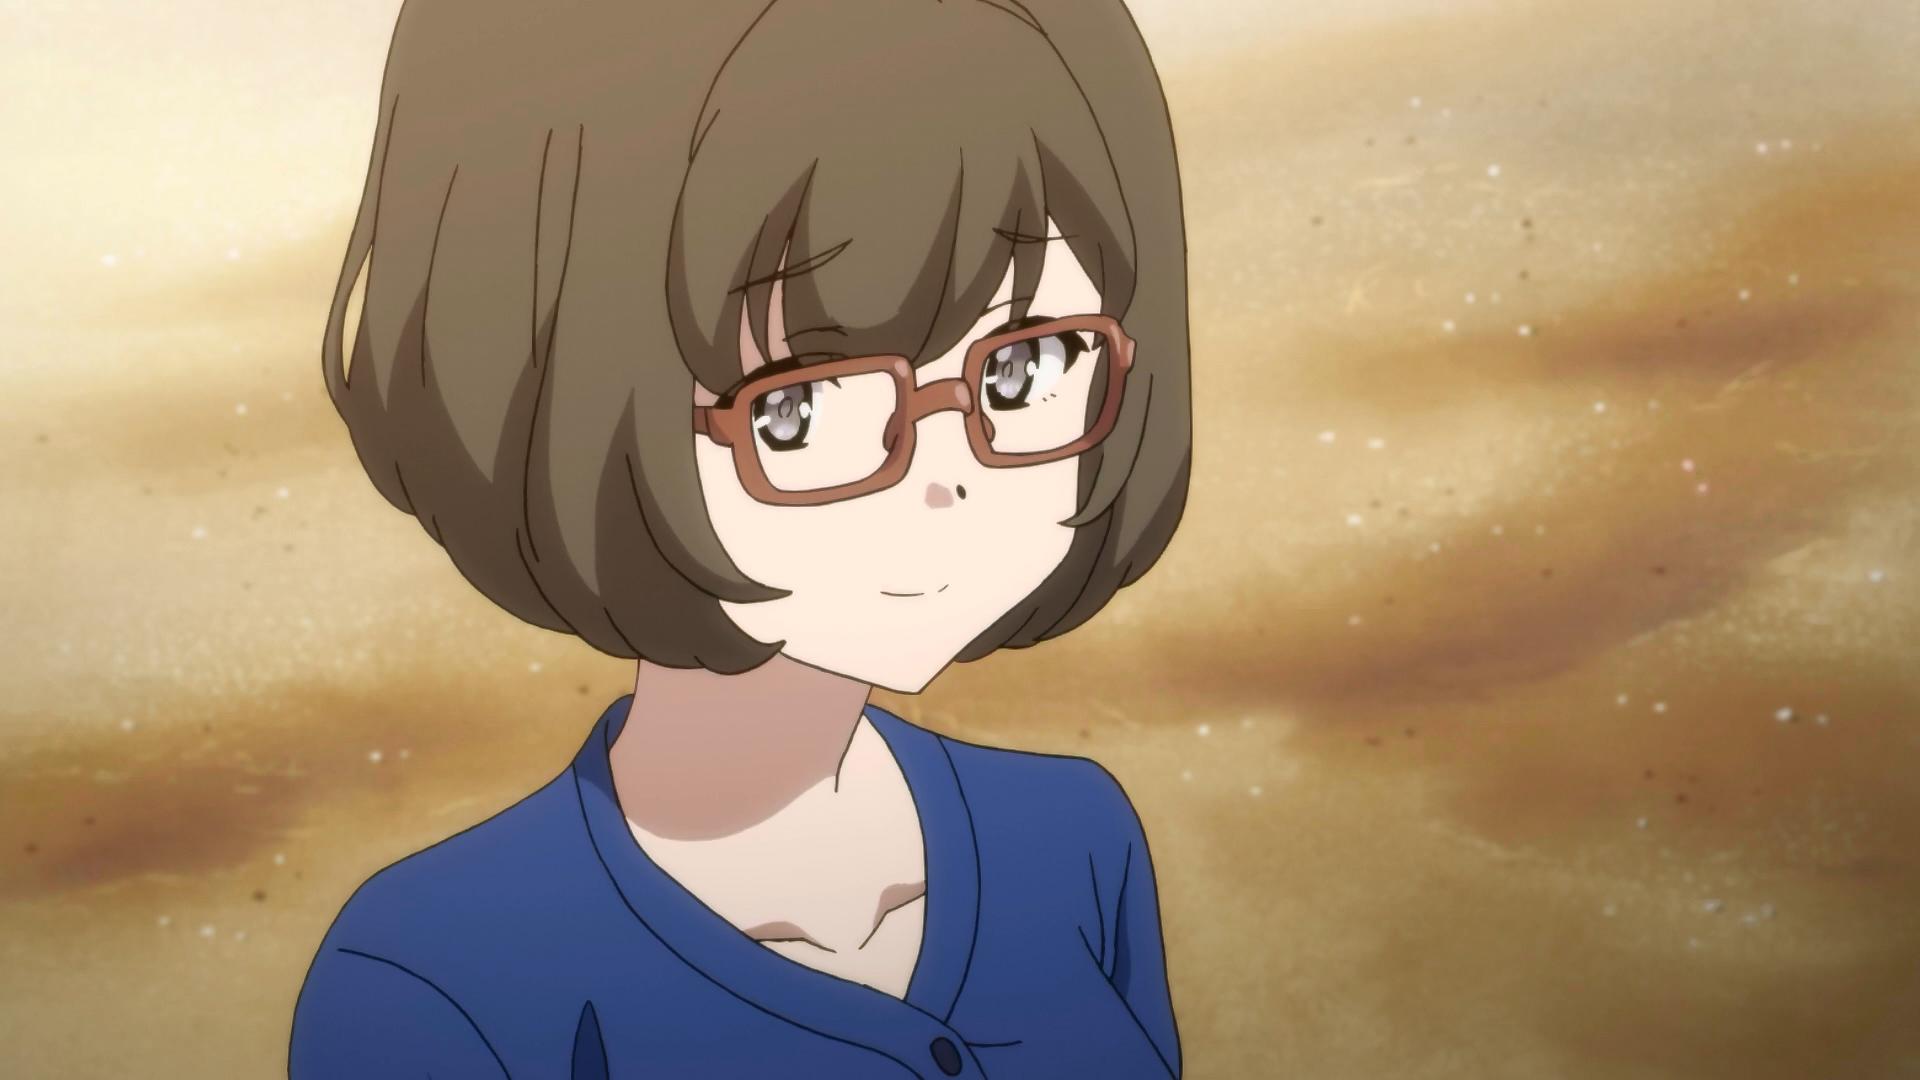 Nana Yoneyama